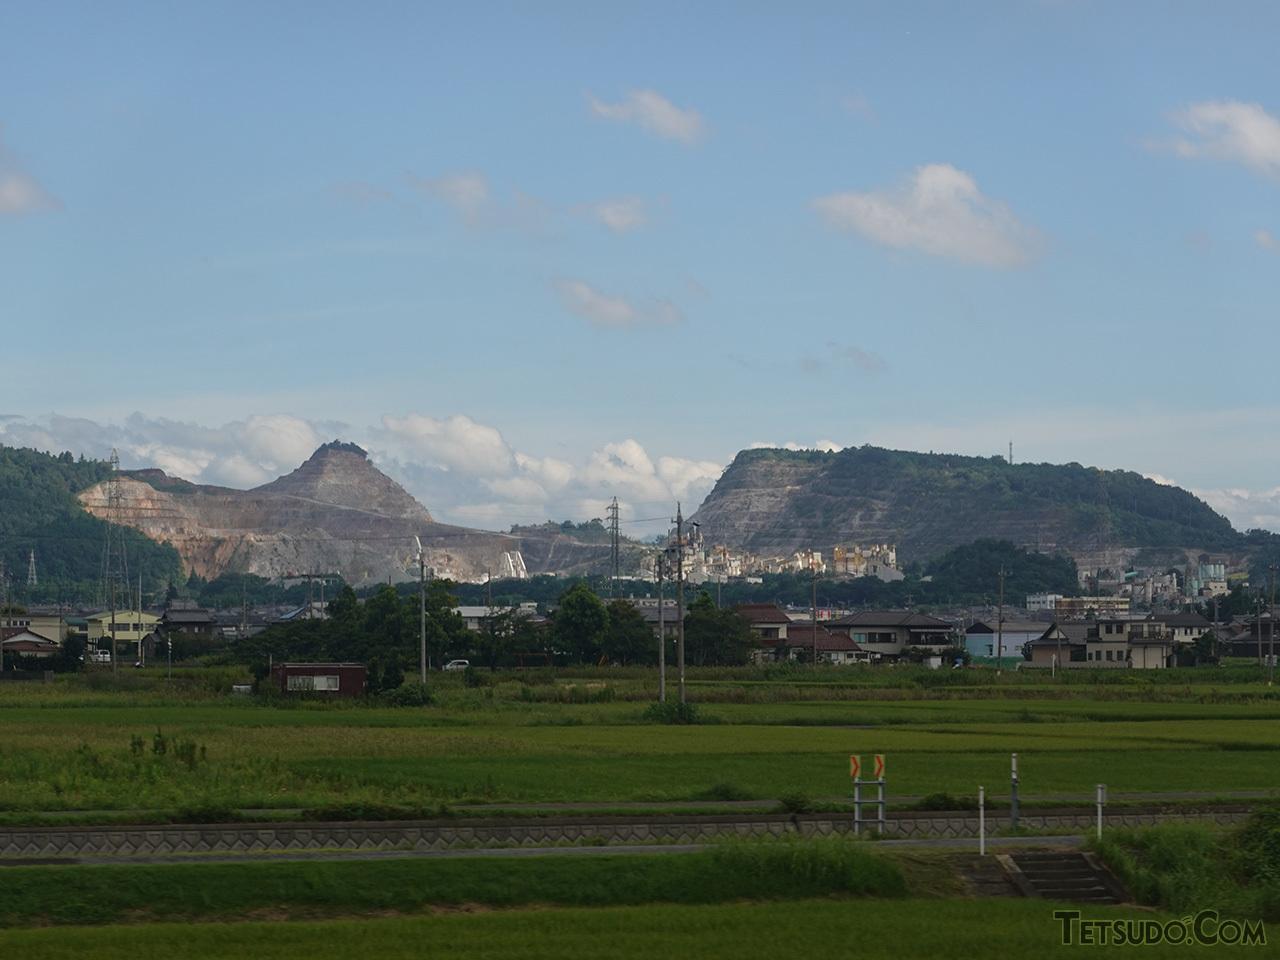 東海道本線から見える美濃赤坂駅北側の金生山。大理石・石灰石の産地として知られ、大理石は国会議事堂や六本木ヒルズにも使われています